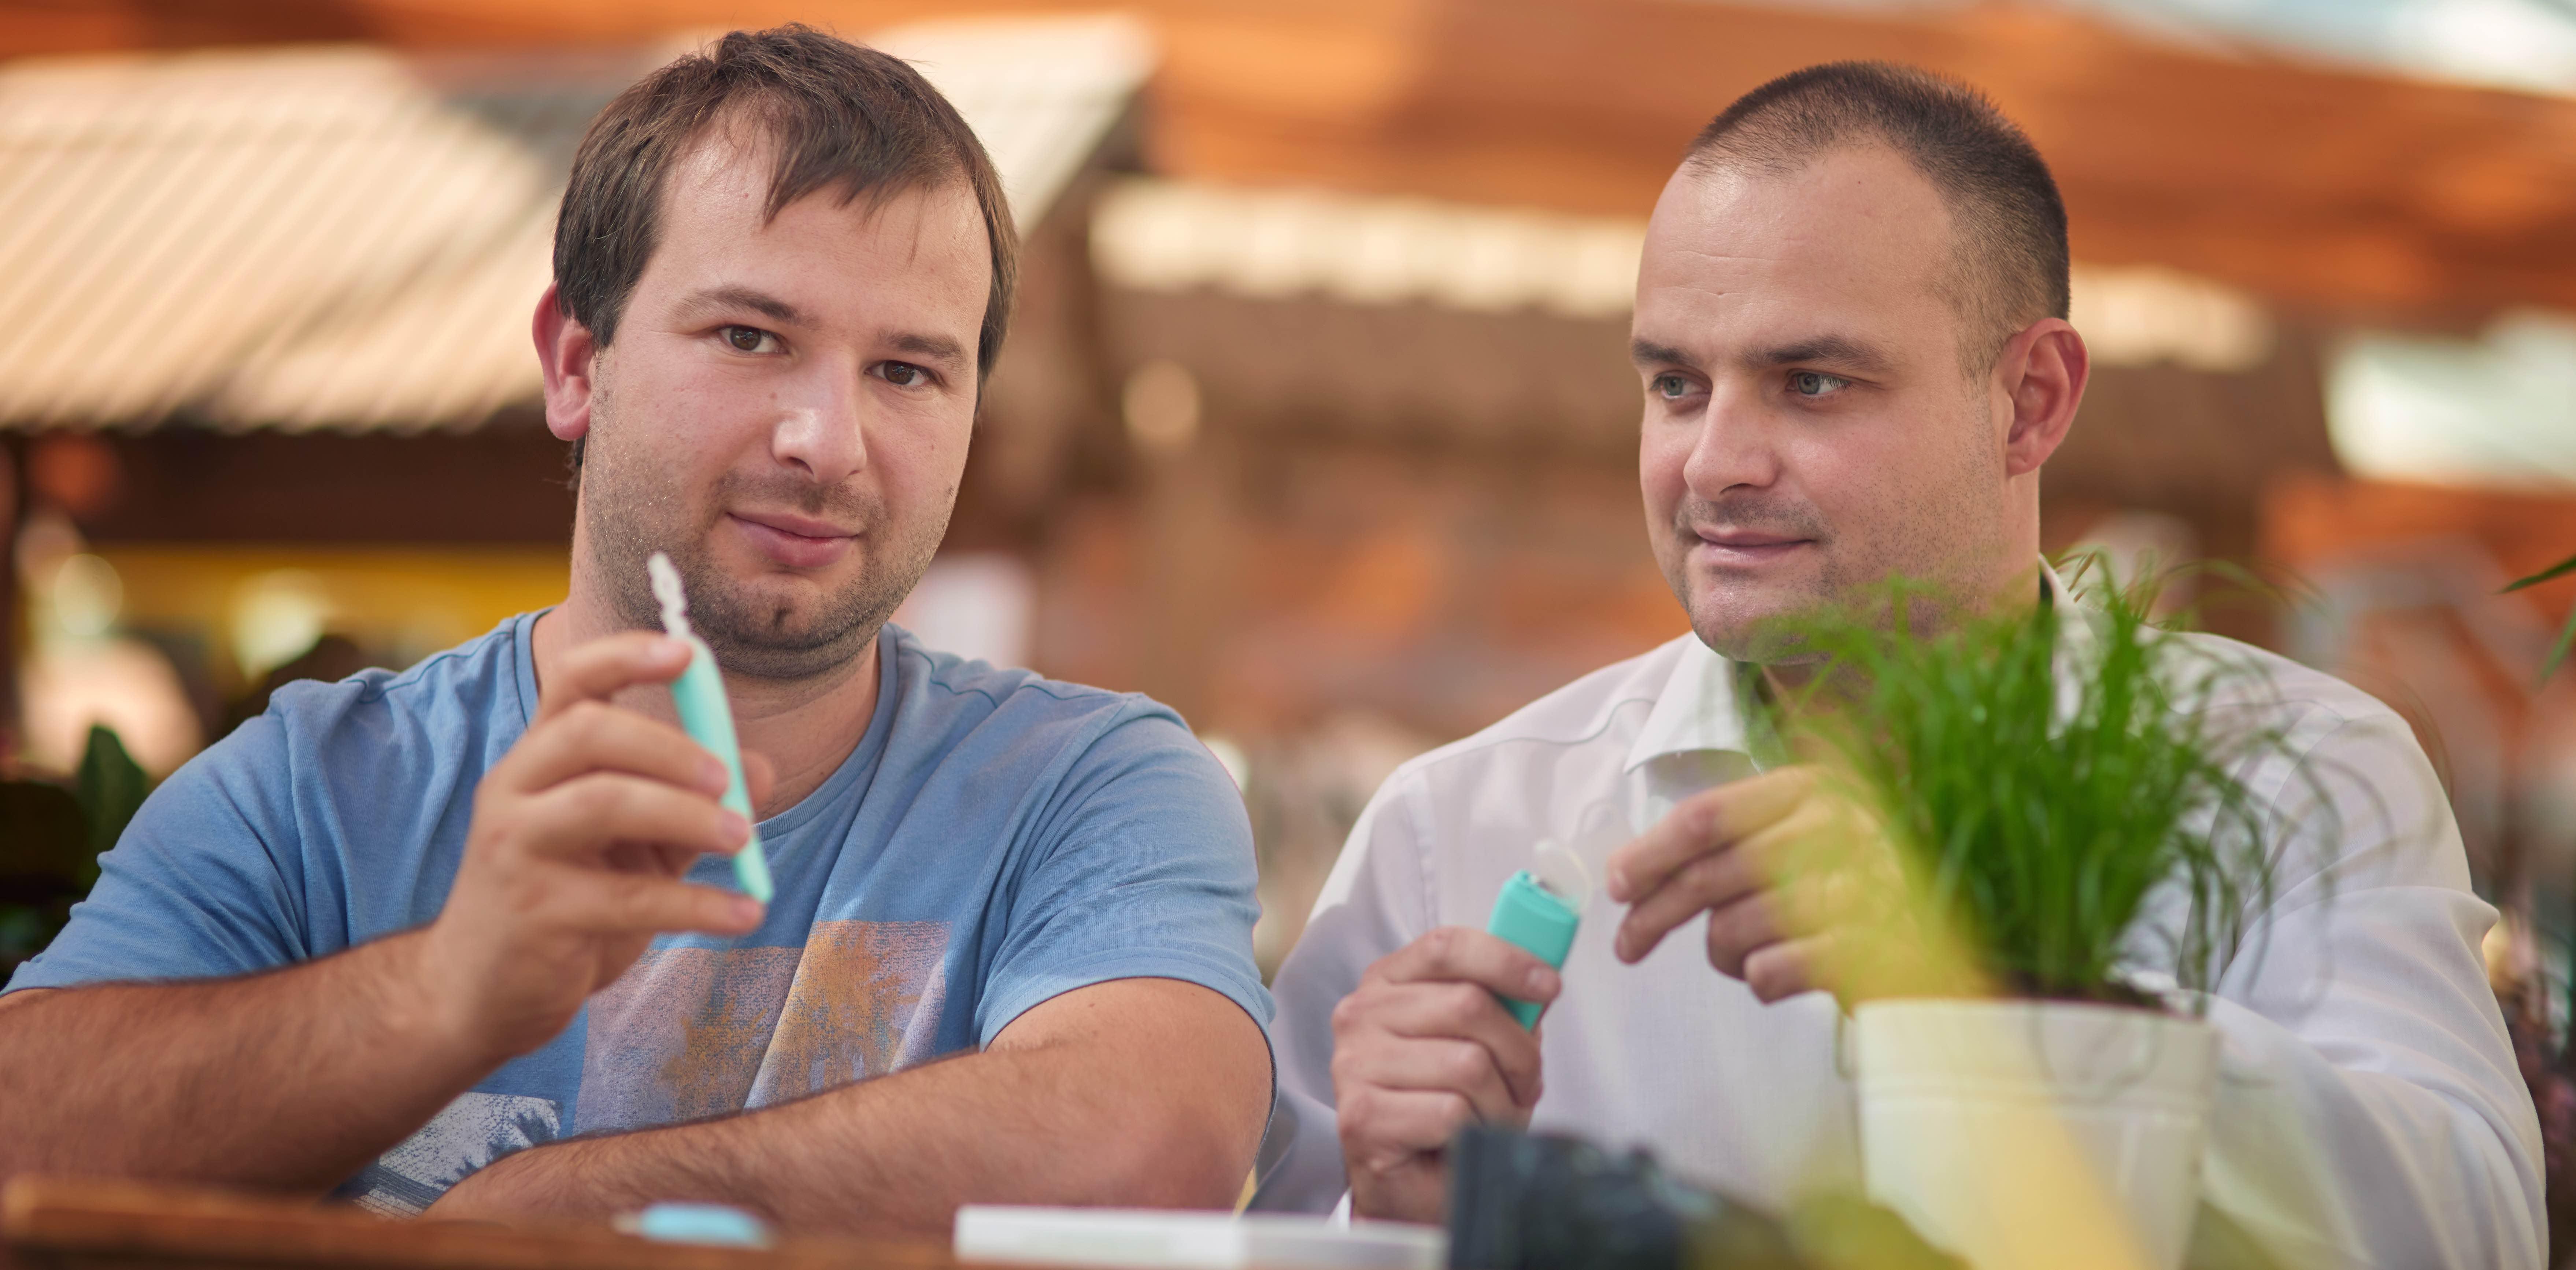 Andrej-Nastran-Uros-Gomboc-PlantRay